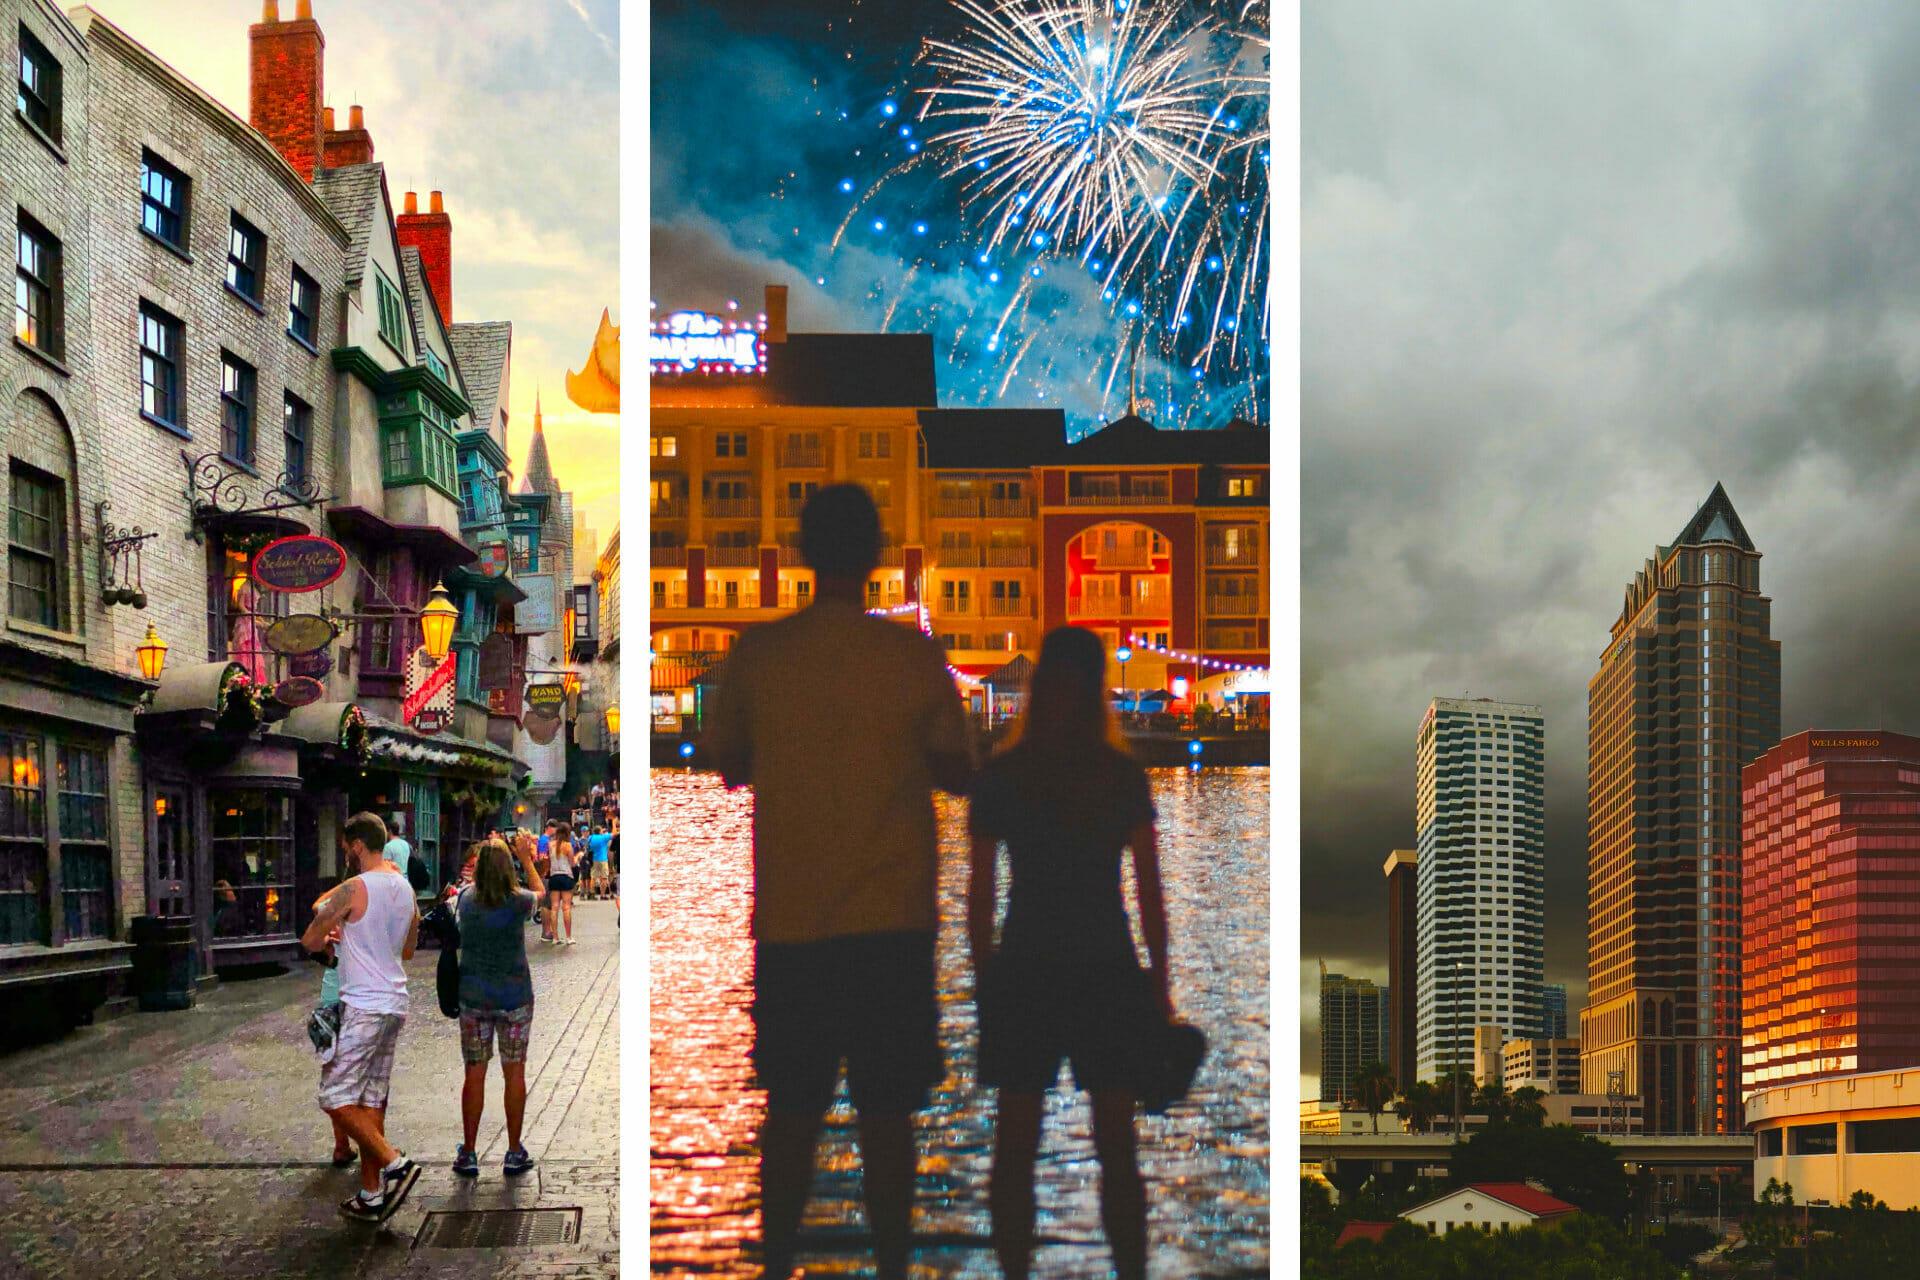 33+ Memorable Things to Do in Orlando at Night via @allamericanatlas